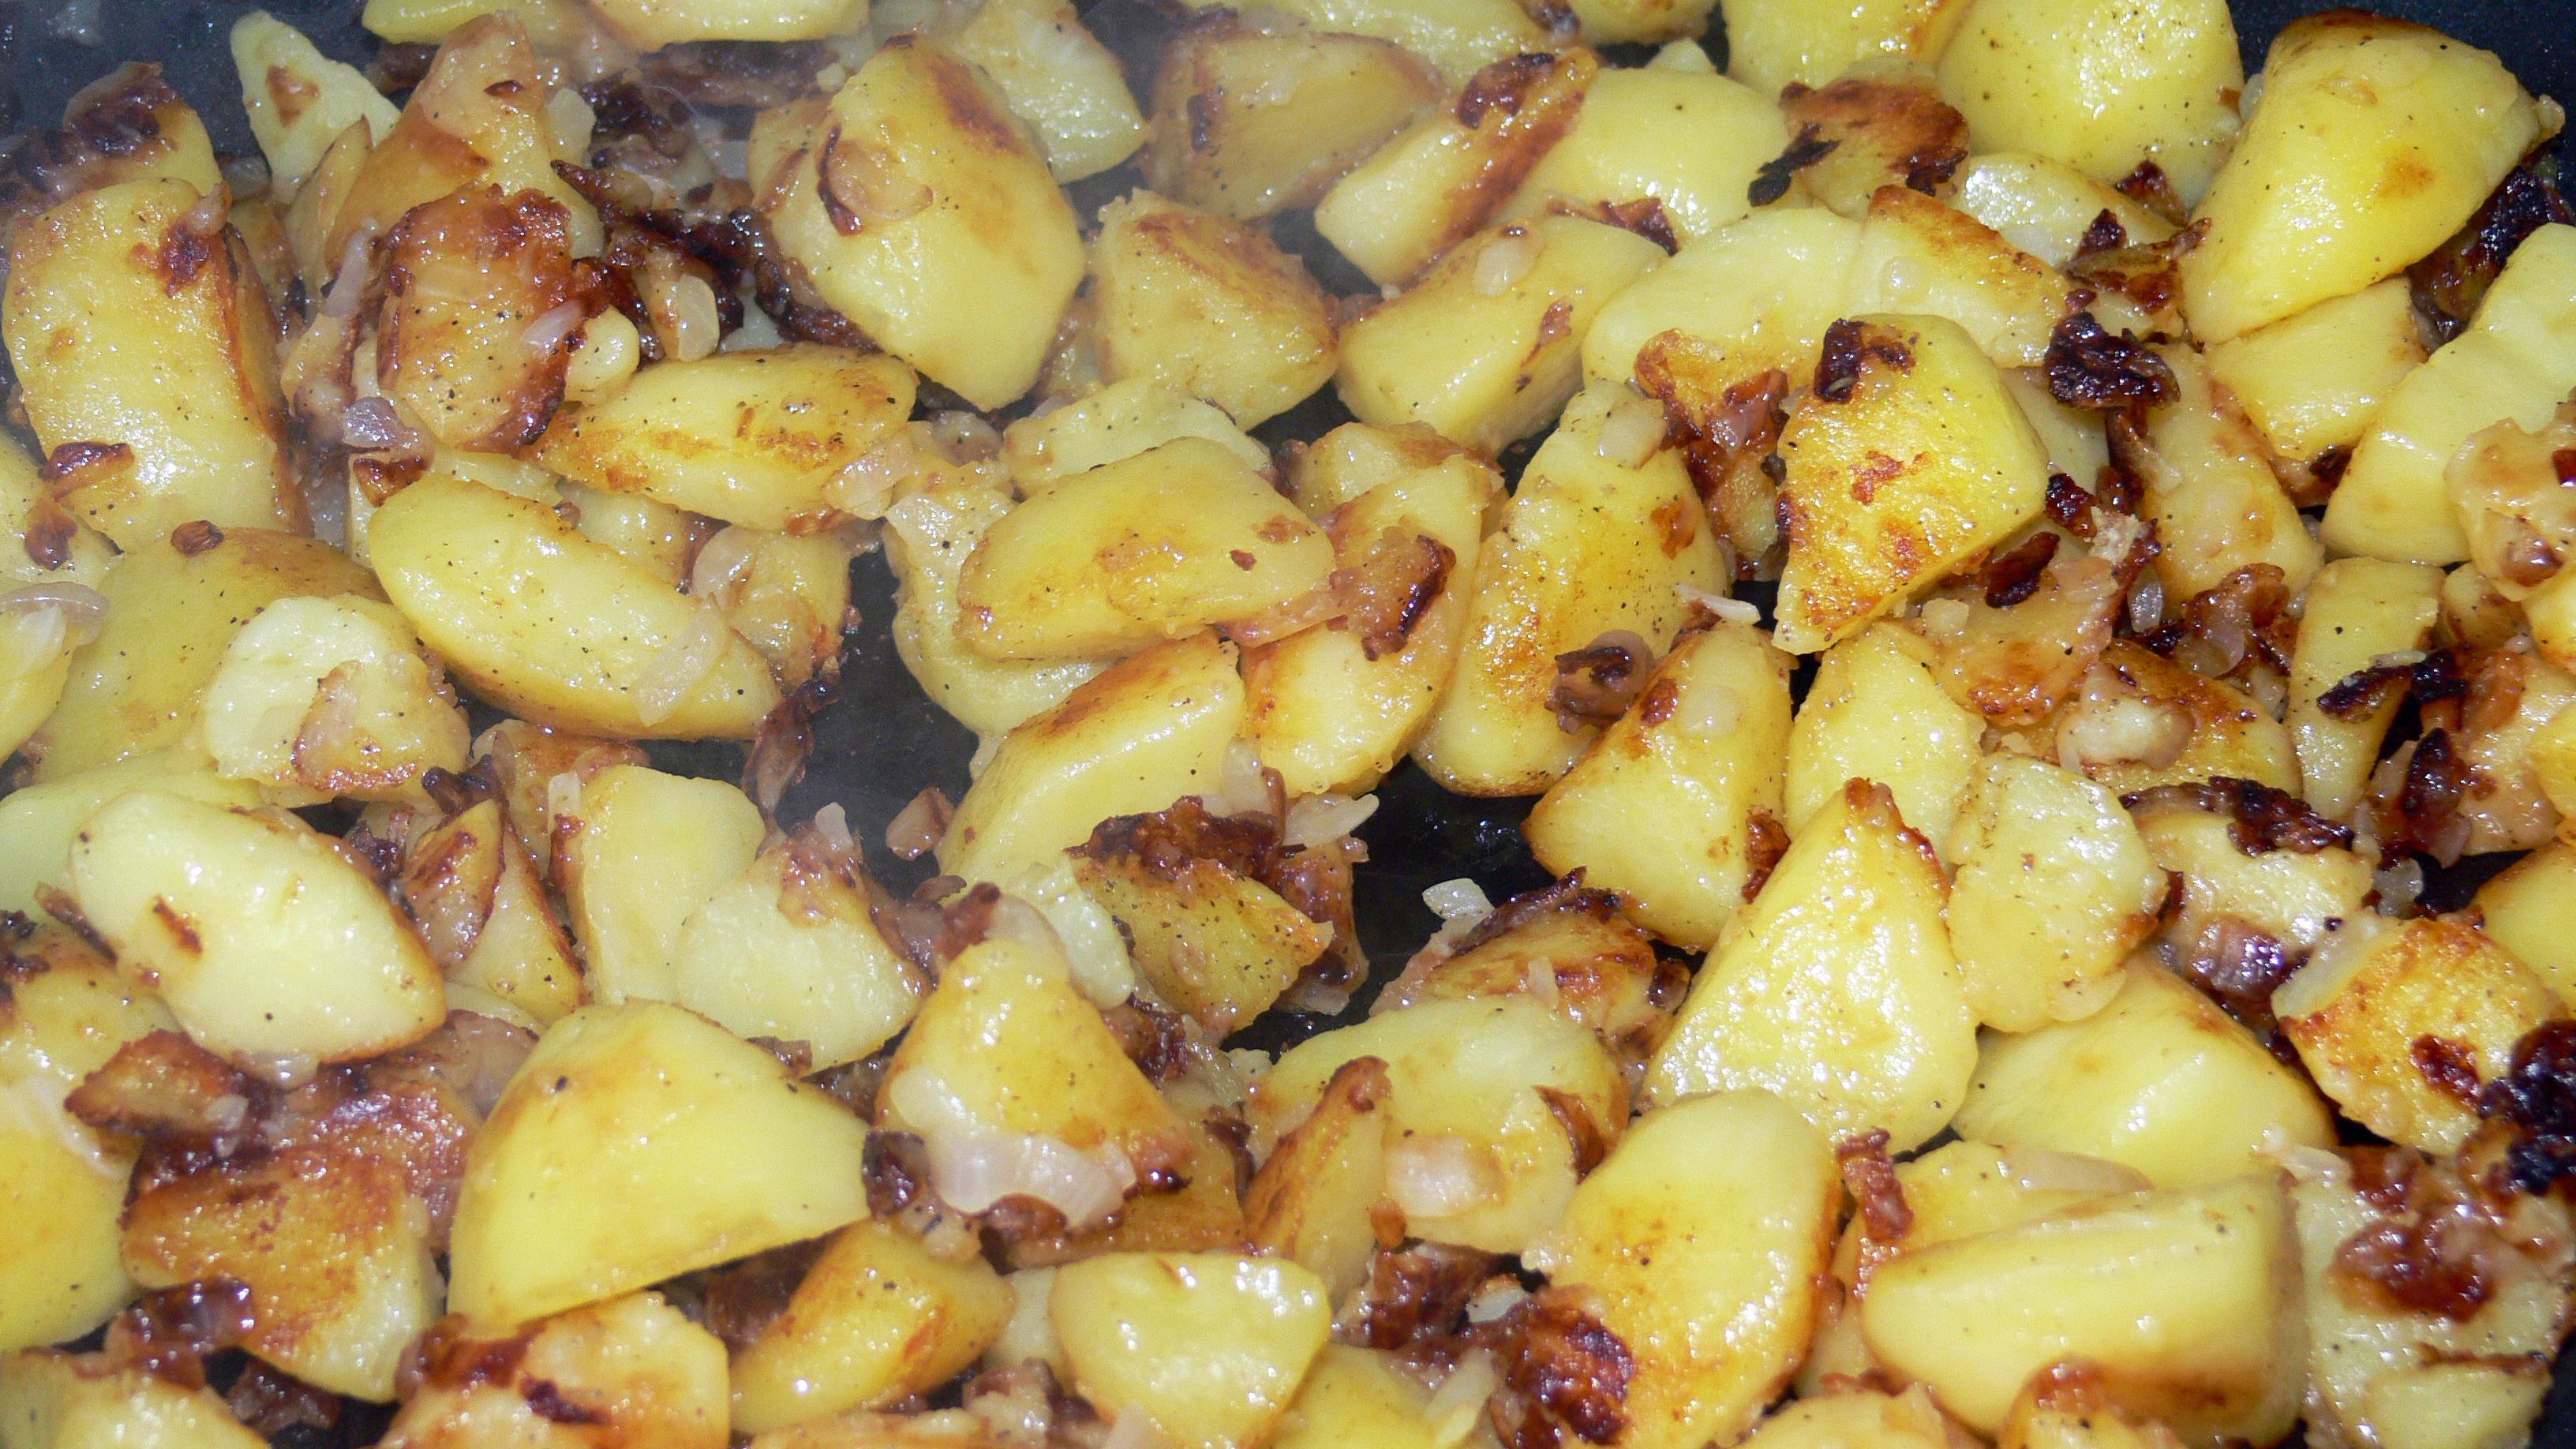 Ein Bratkartoffelverhältnis beschreibt heute eine eheähnliche Gemeinschaft.